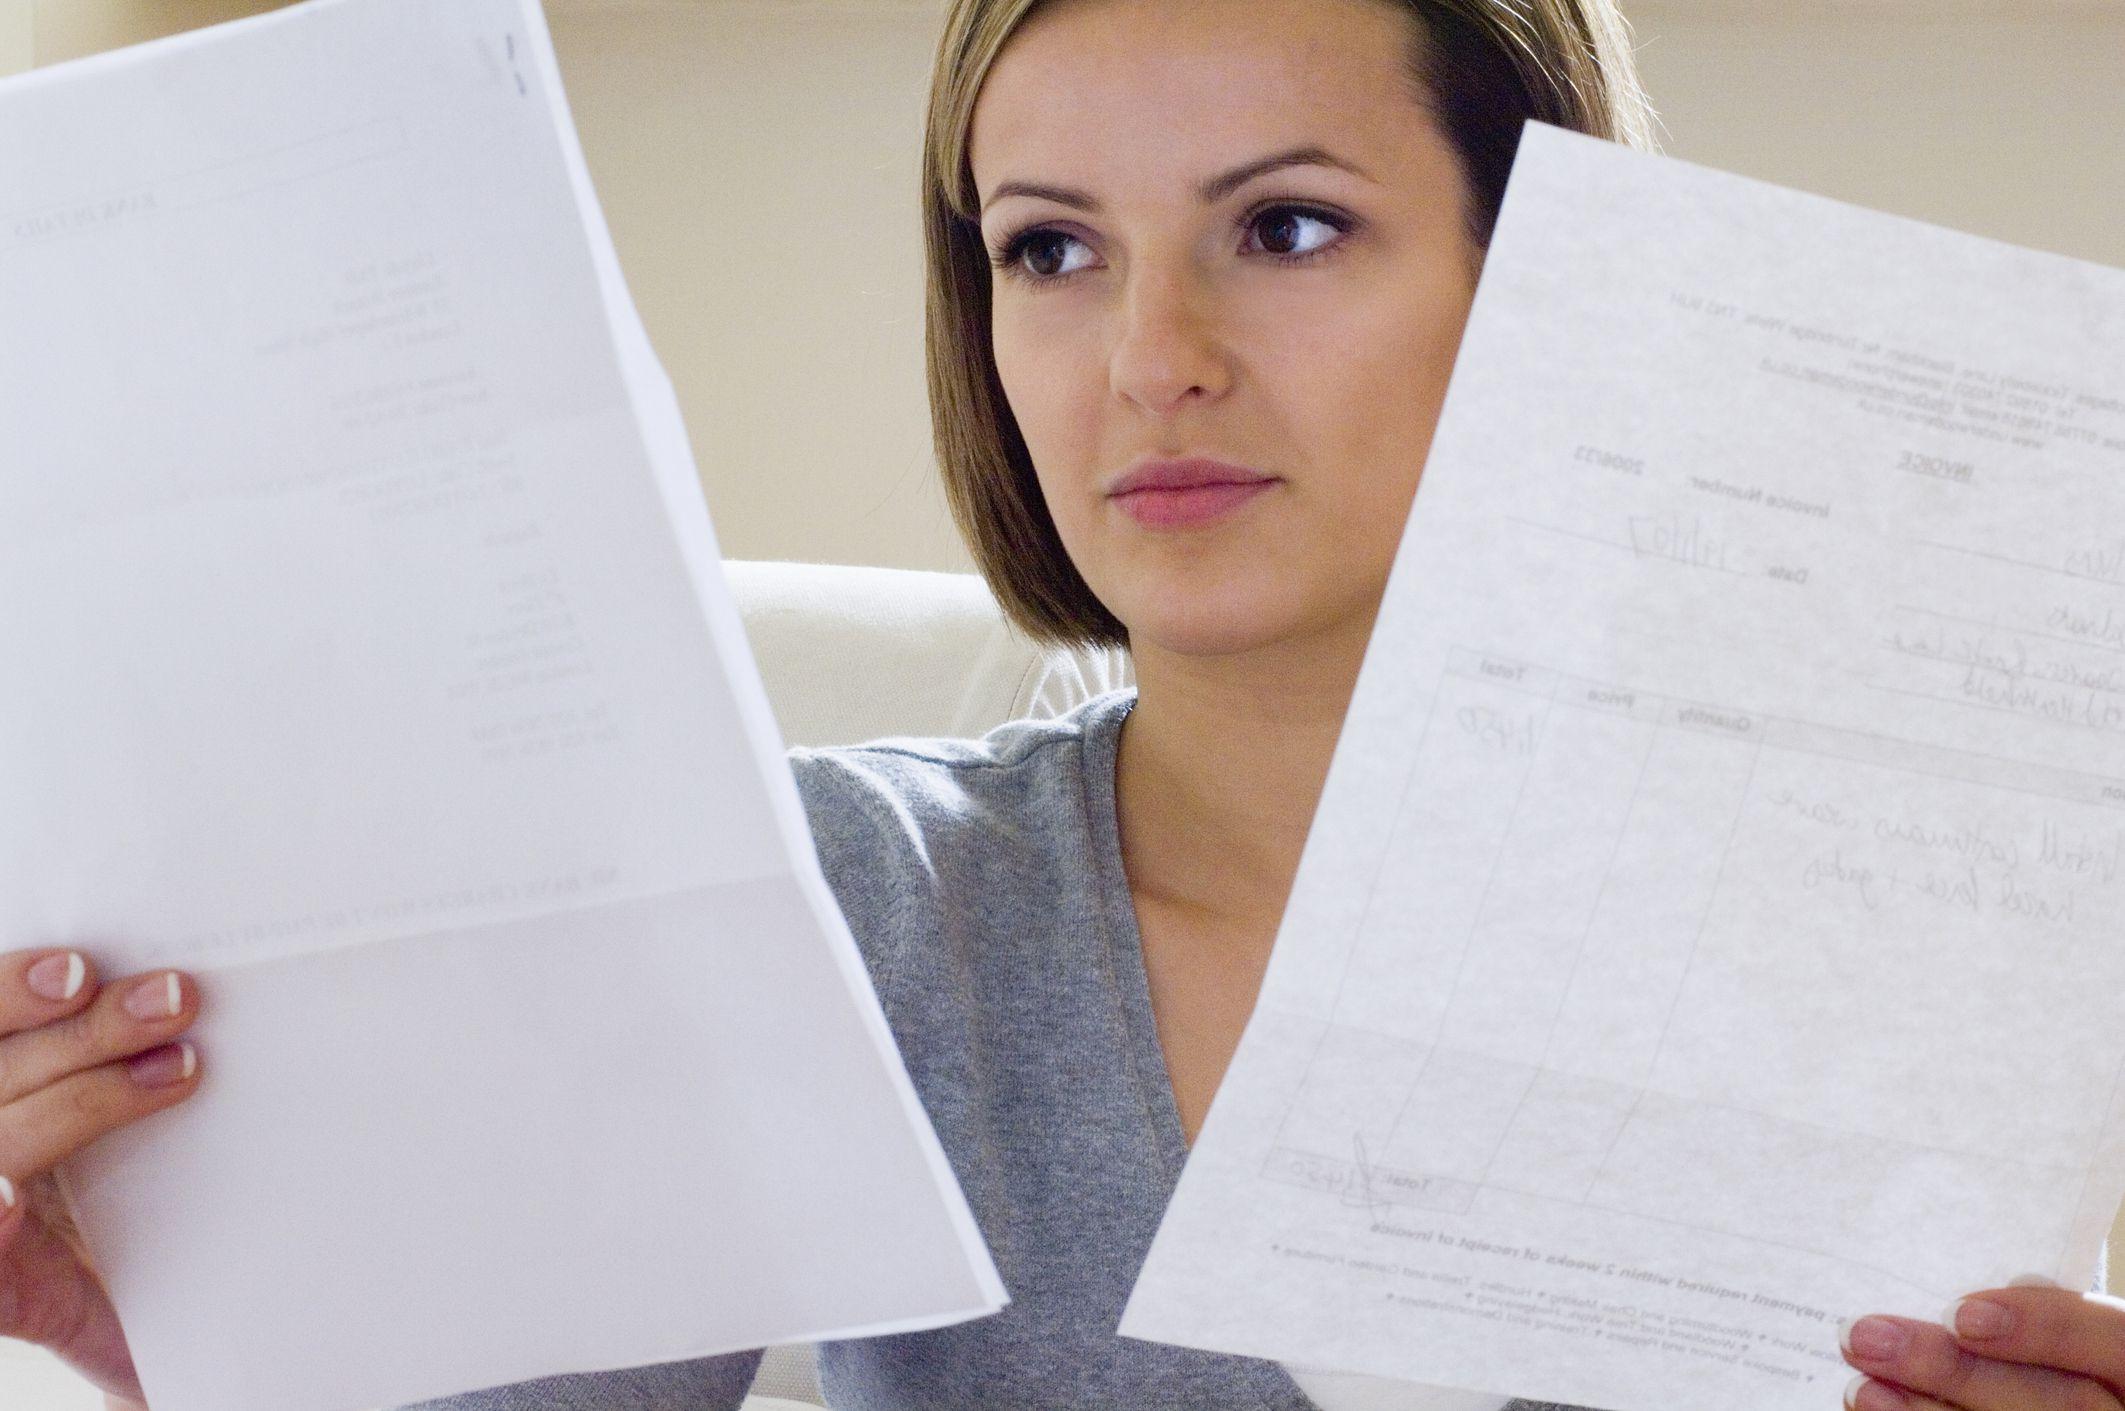 Przedawnienie długu – terminy i skutki